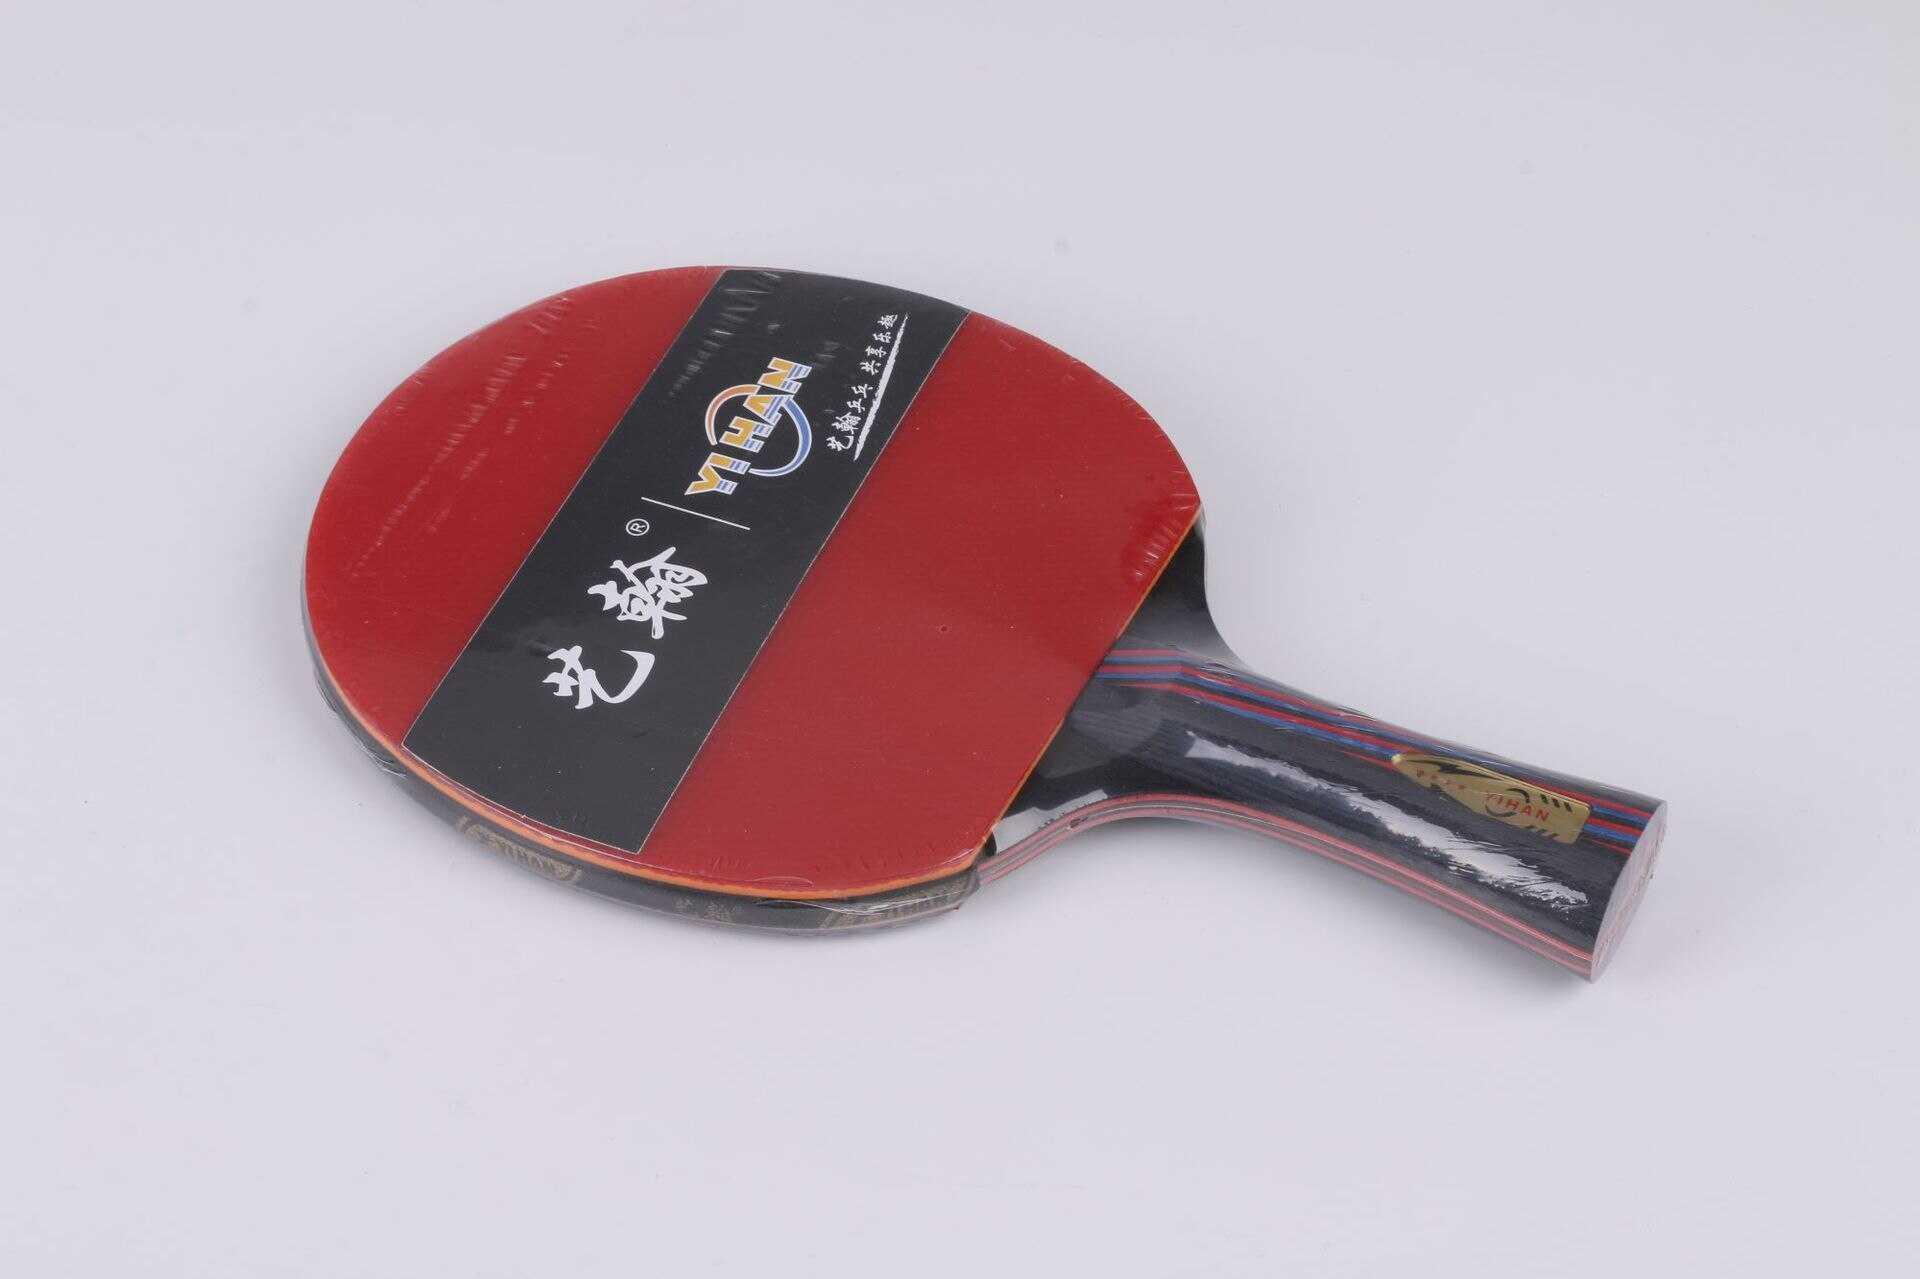 Как выбрать ракетку для большого тенниса взрослому и ребенку? :: syl.ru